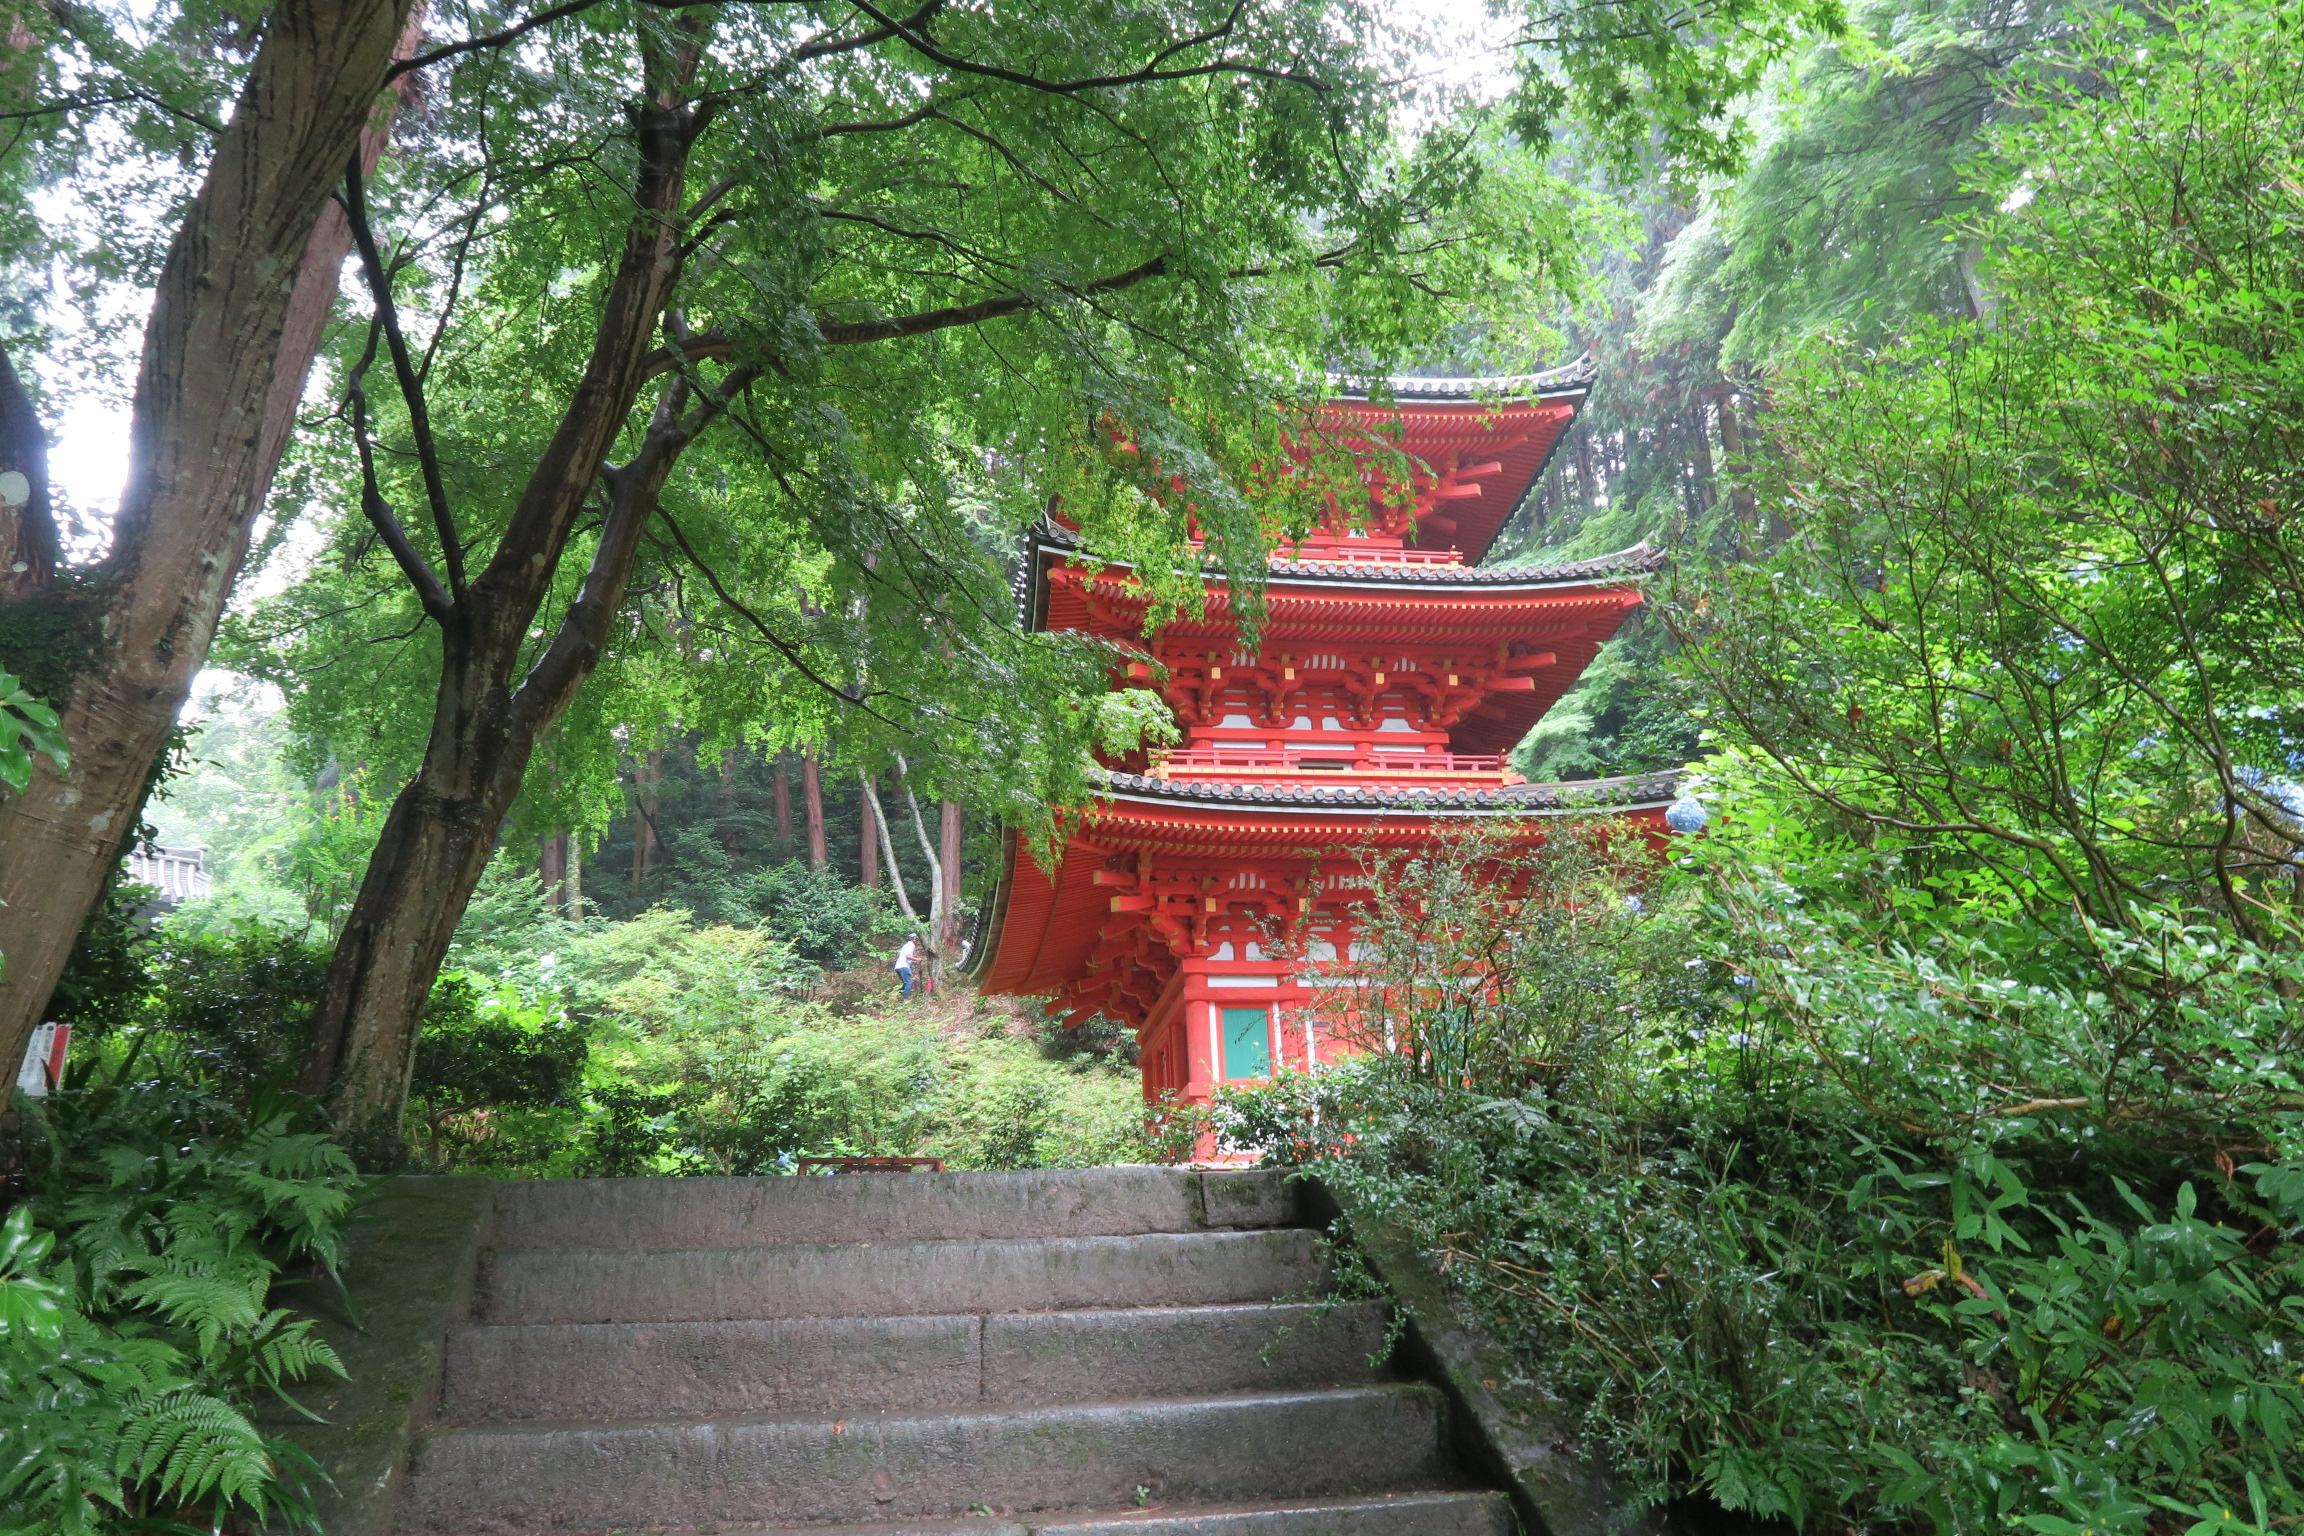 緑に覆われ、三重塔とのコントラストが美しいですね。重要文化財です。